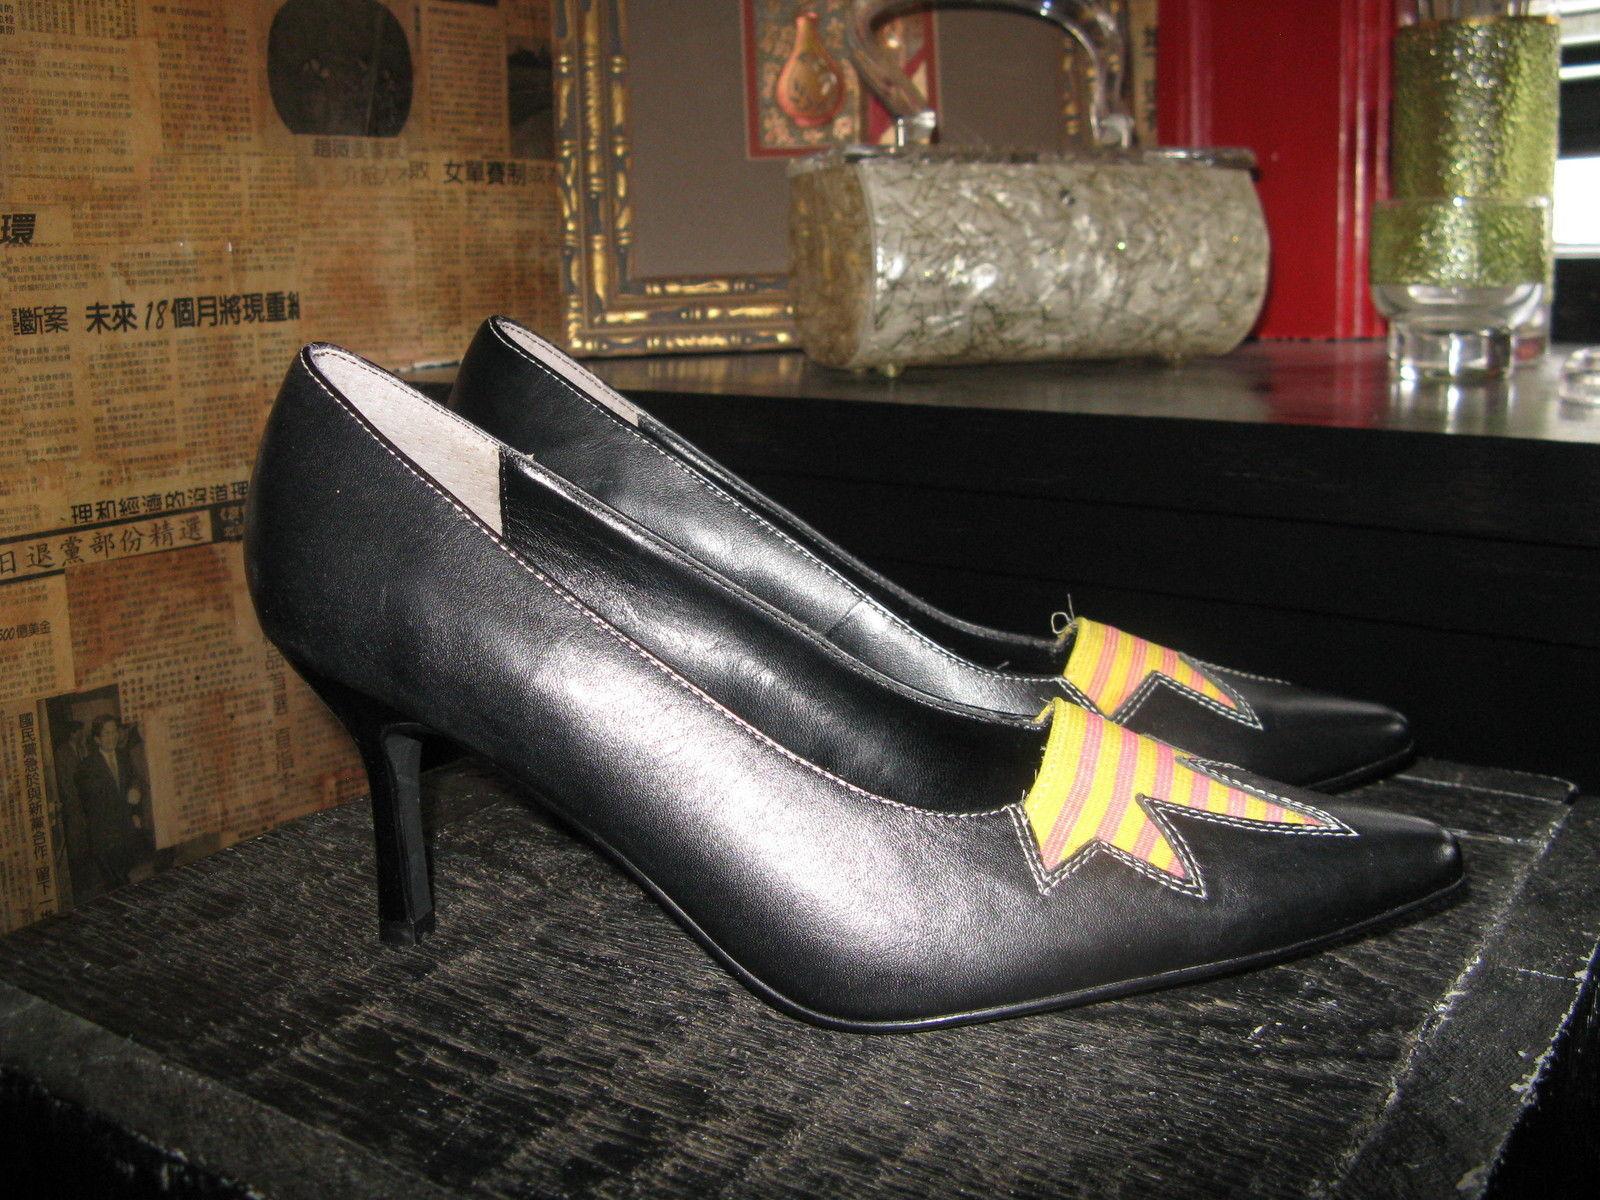 Extra-Fine Sugar punk grunge new wave lightning stiletto heels shoes 7 UK5 38 image 2